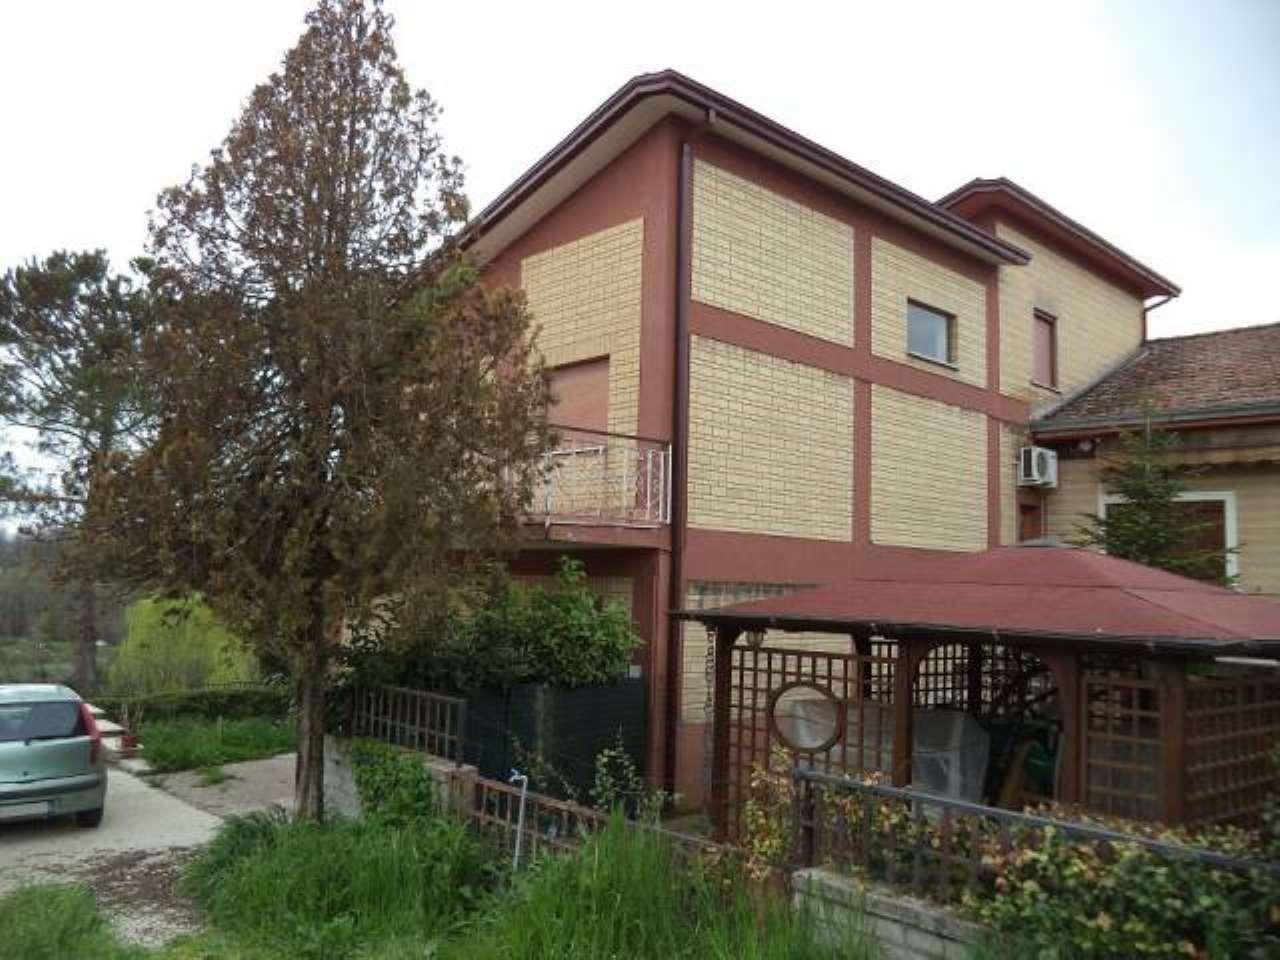 Villa in vendita a Arce, 6 locali, prezzo € 119.000 | CambioCasa.it